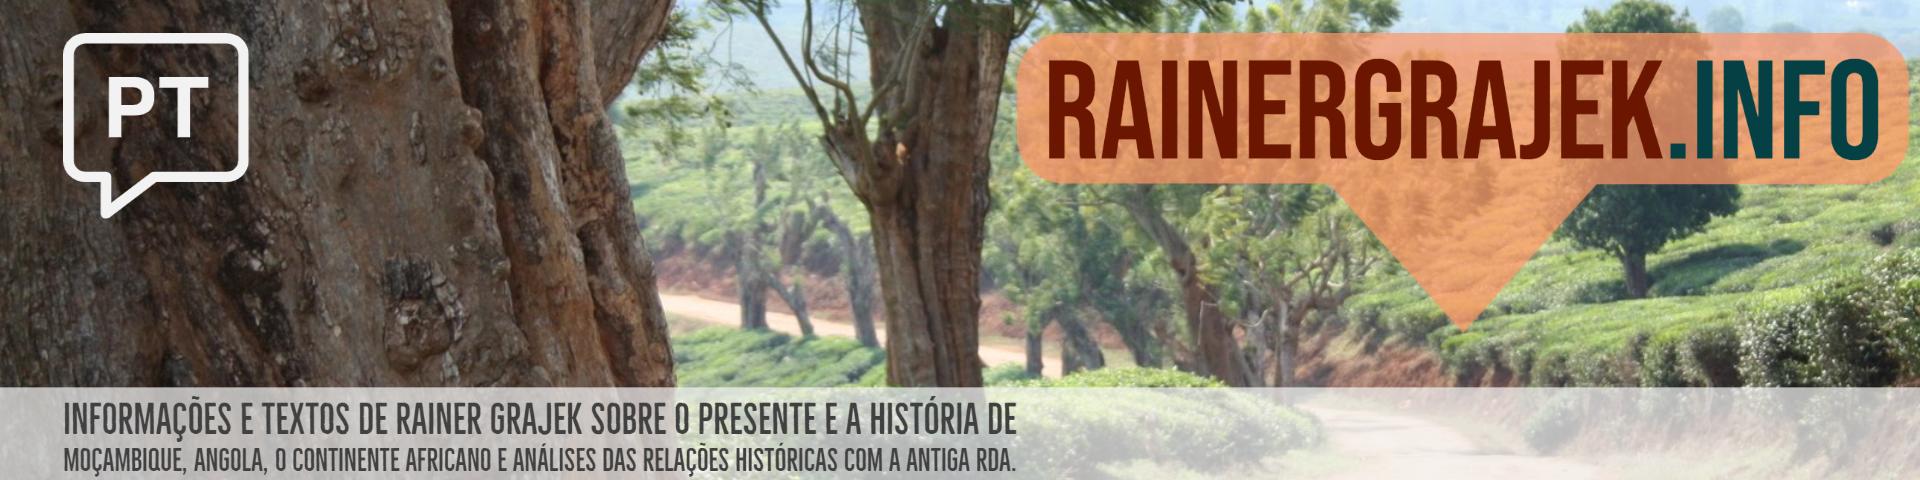 www.rainergrajek.info